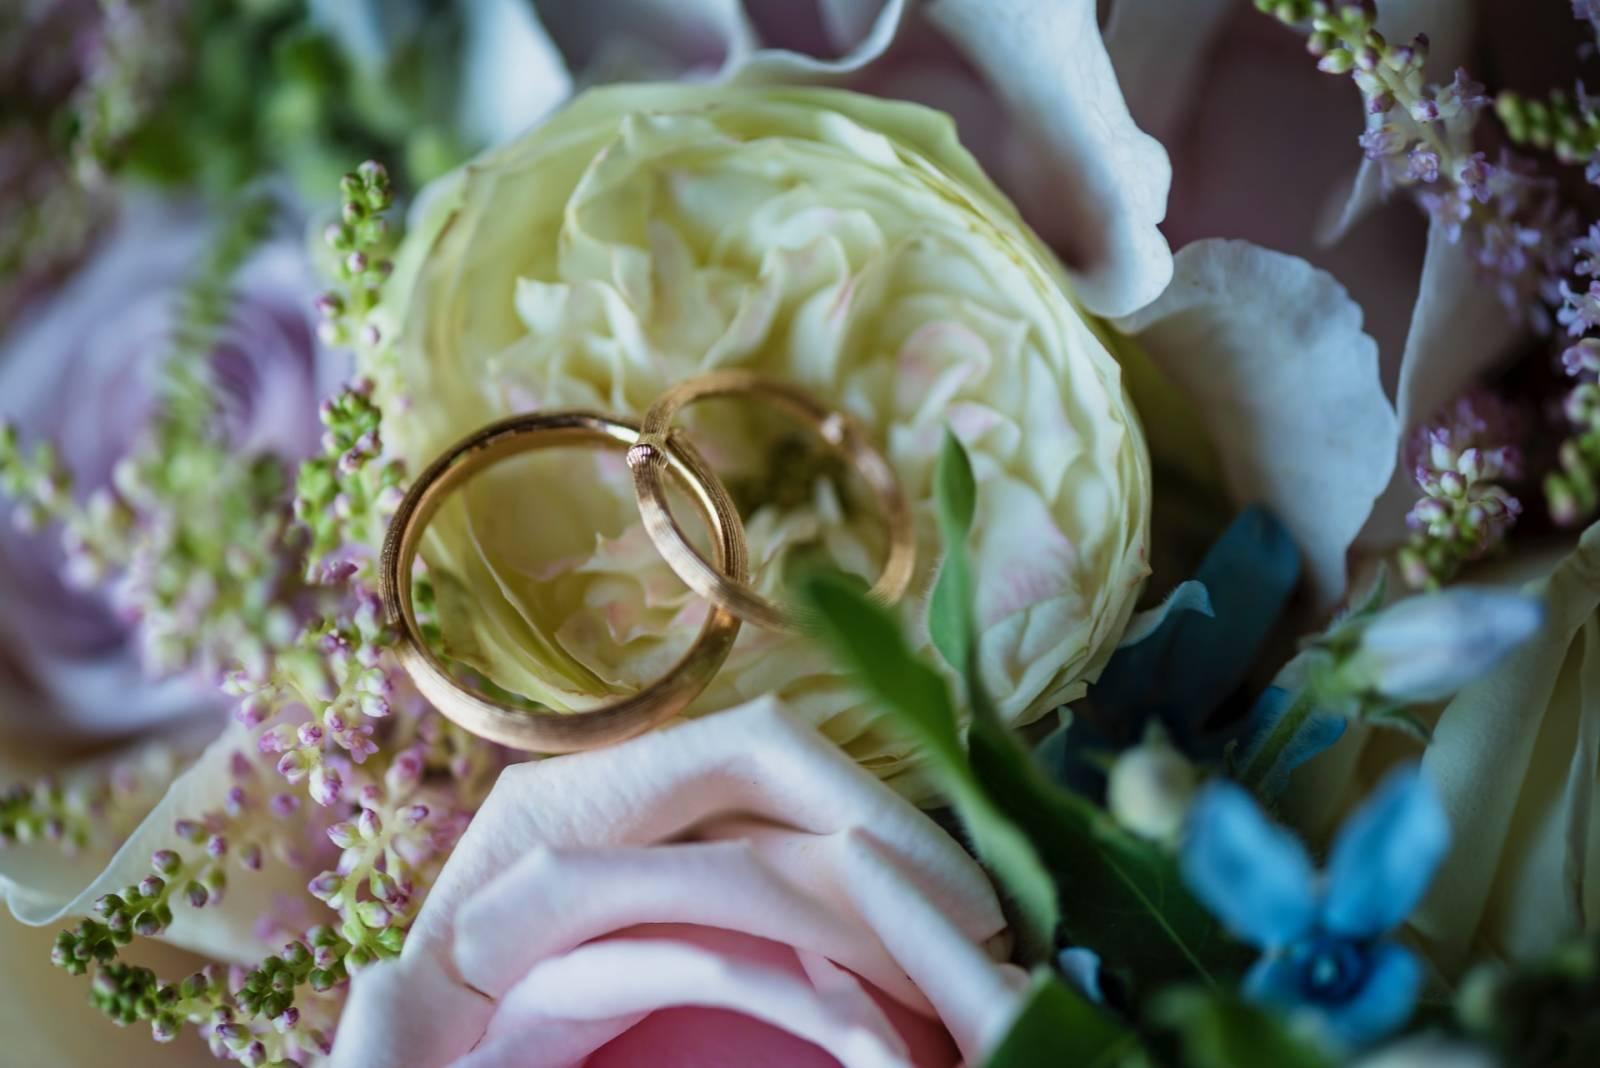 Annick Van Wesemael - Bloemen - Bruidsboeket - Tom Talloen - House of Weddings - 7 2